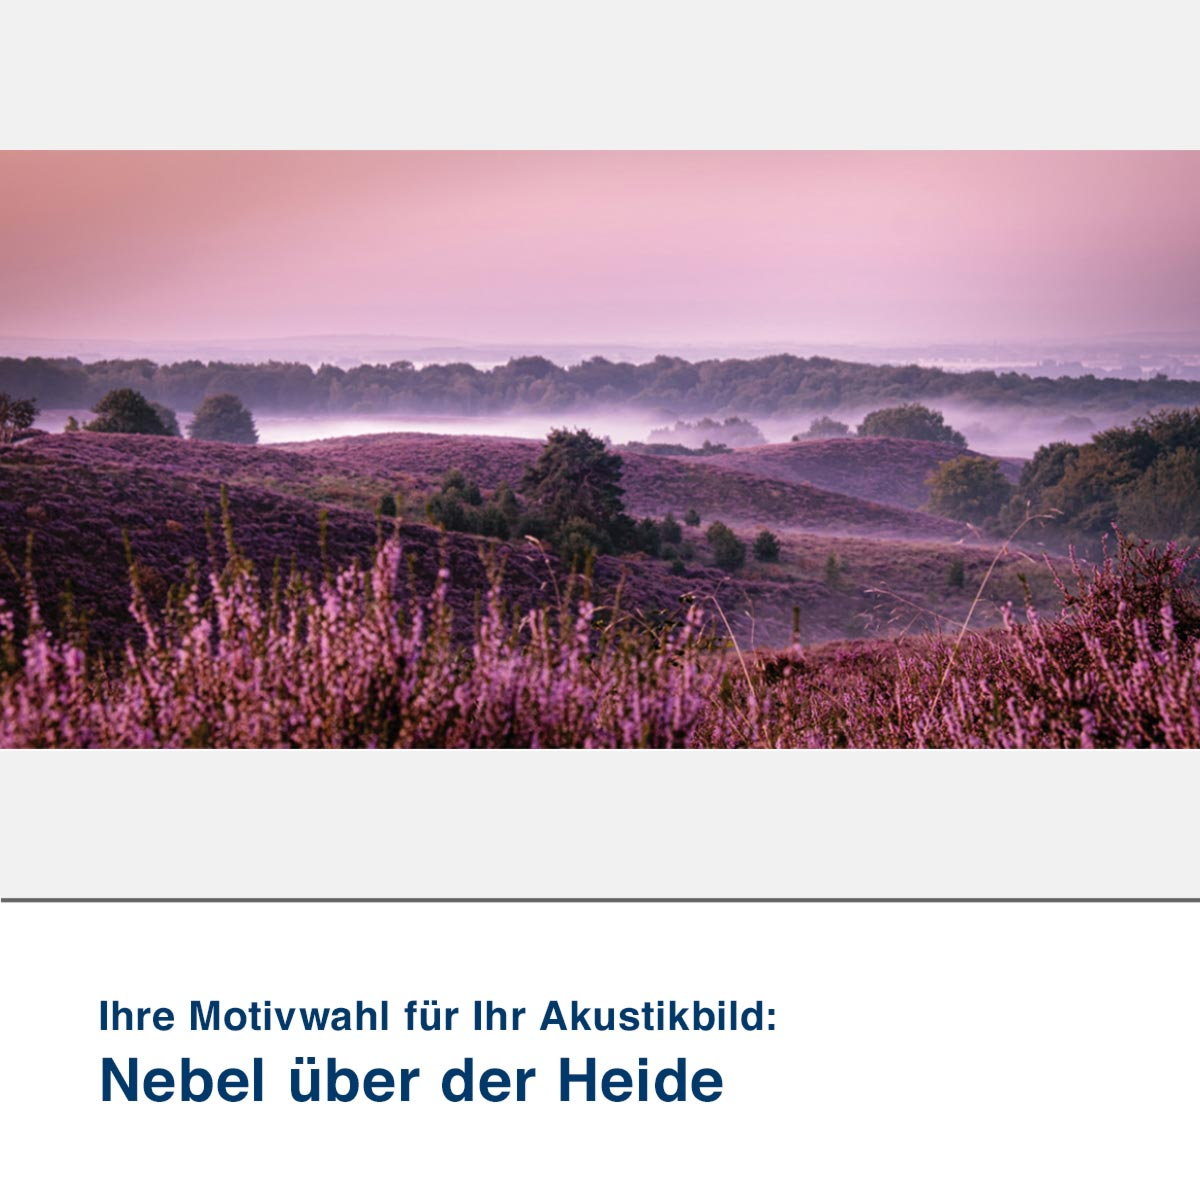 Akustikbild Motiv Nebel über der Heide